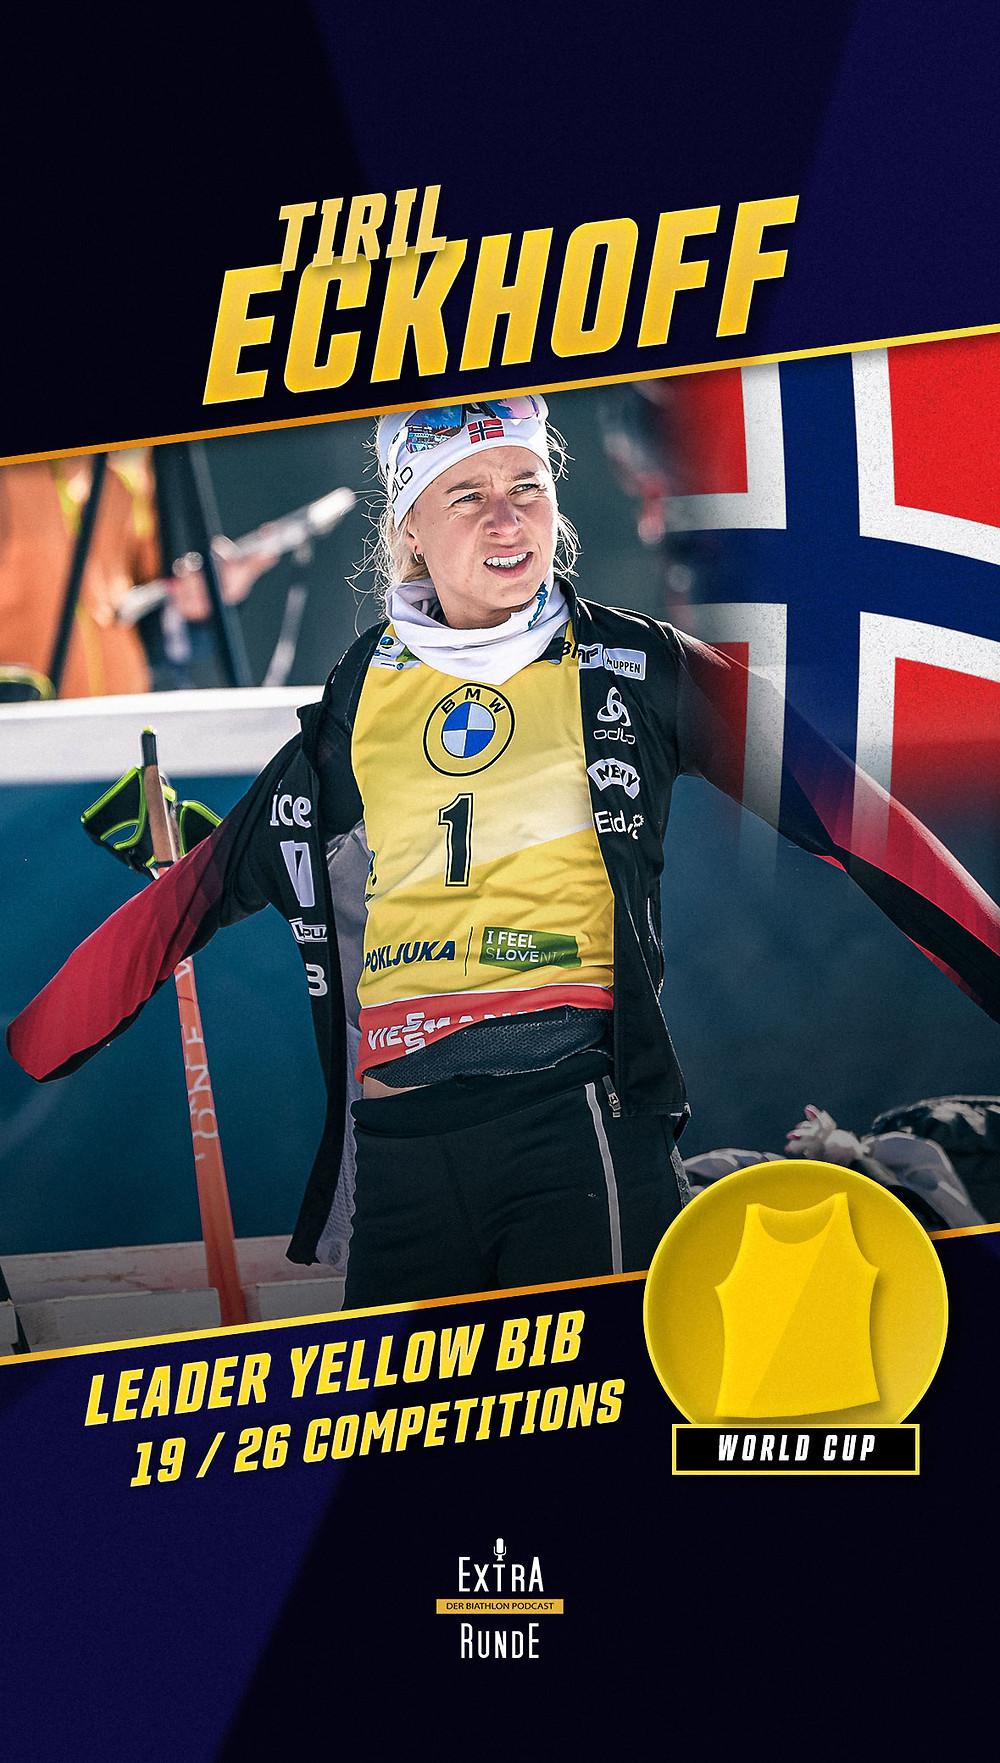 Tiril Eckhoff führt im Biathlon Gesamtweltcup der Damen vor Hanna Öberg und Marte Olsbu Røiseland.